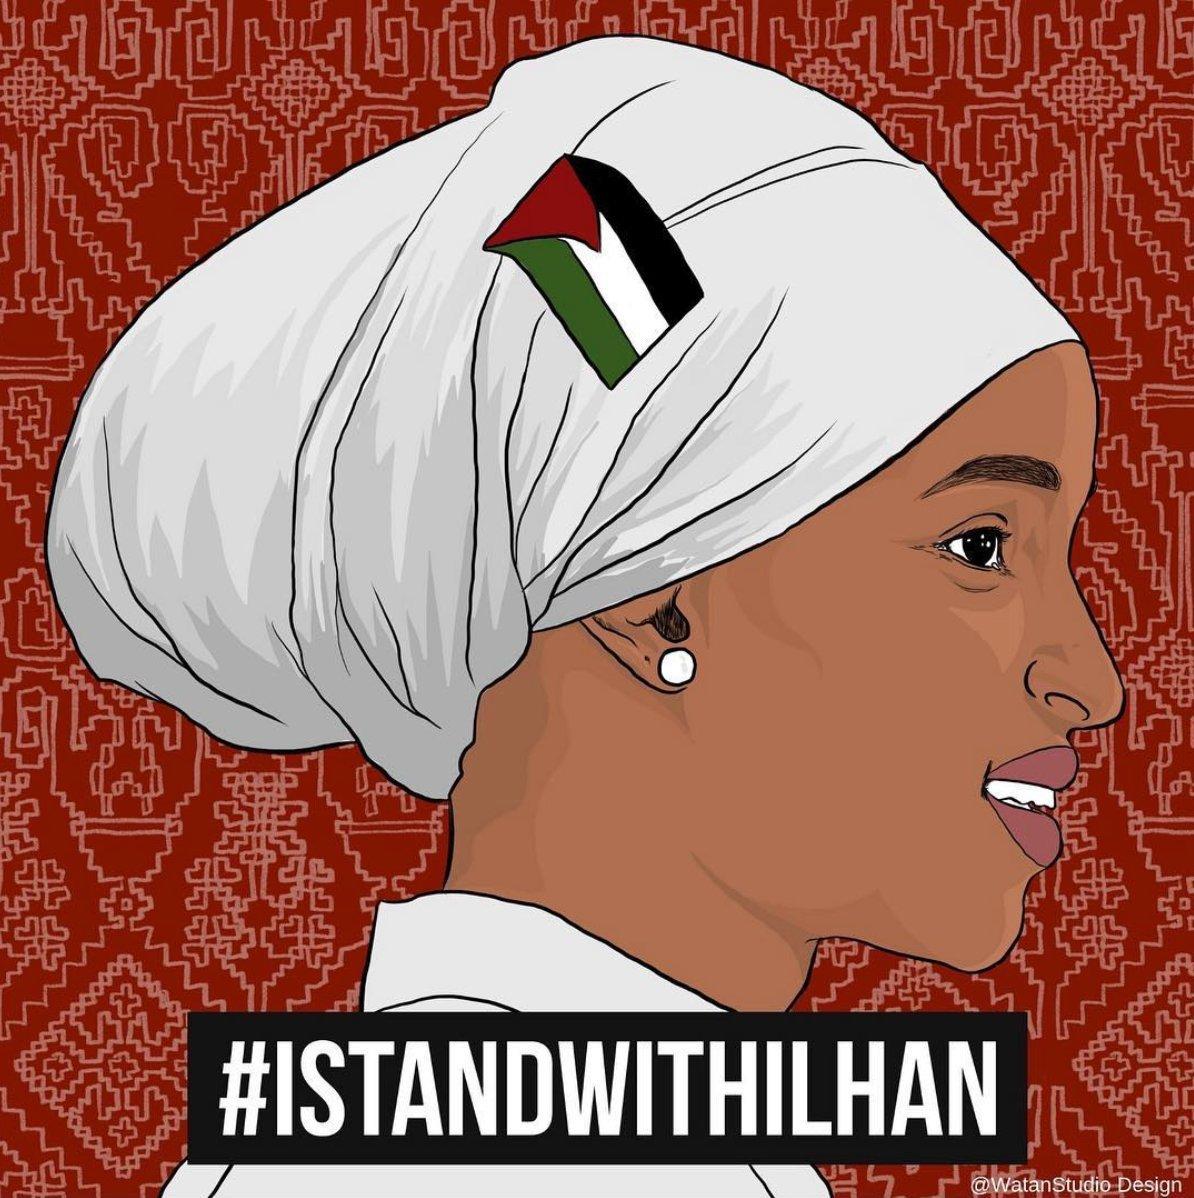 Rep. Ilhan Omar accused of 'stunningly anti-Semitic' Tweet: Debunked